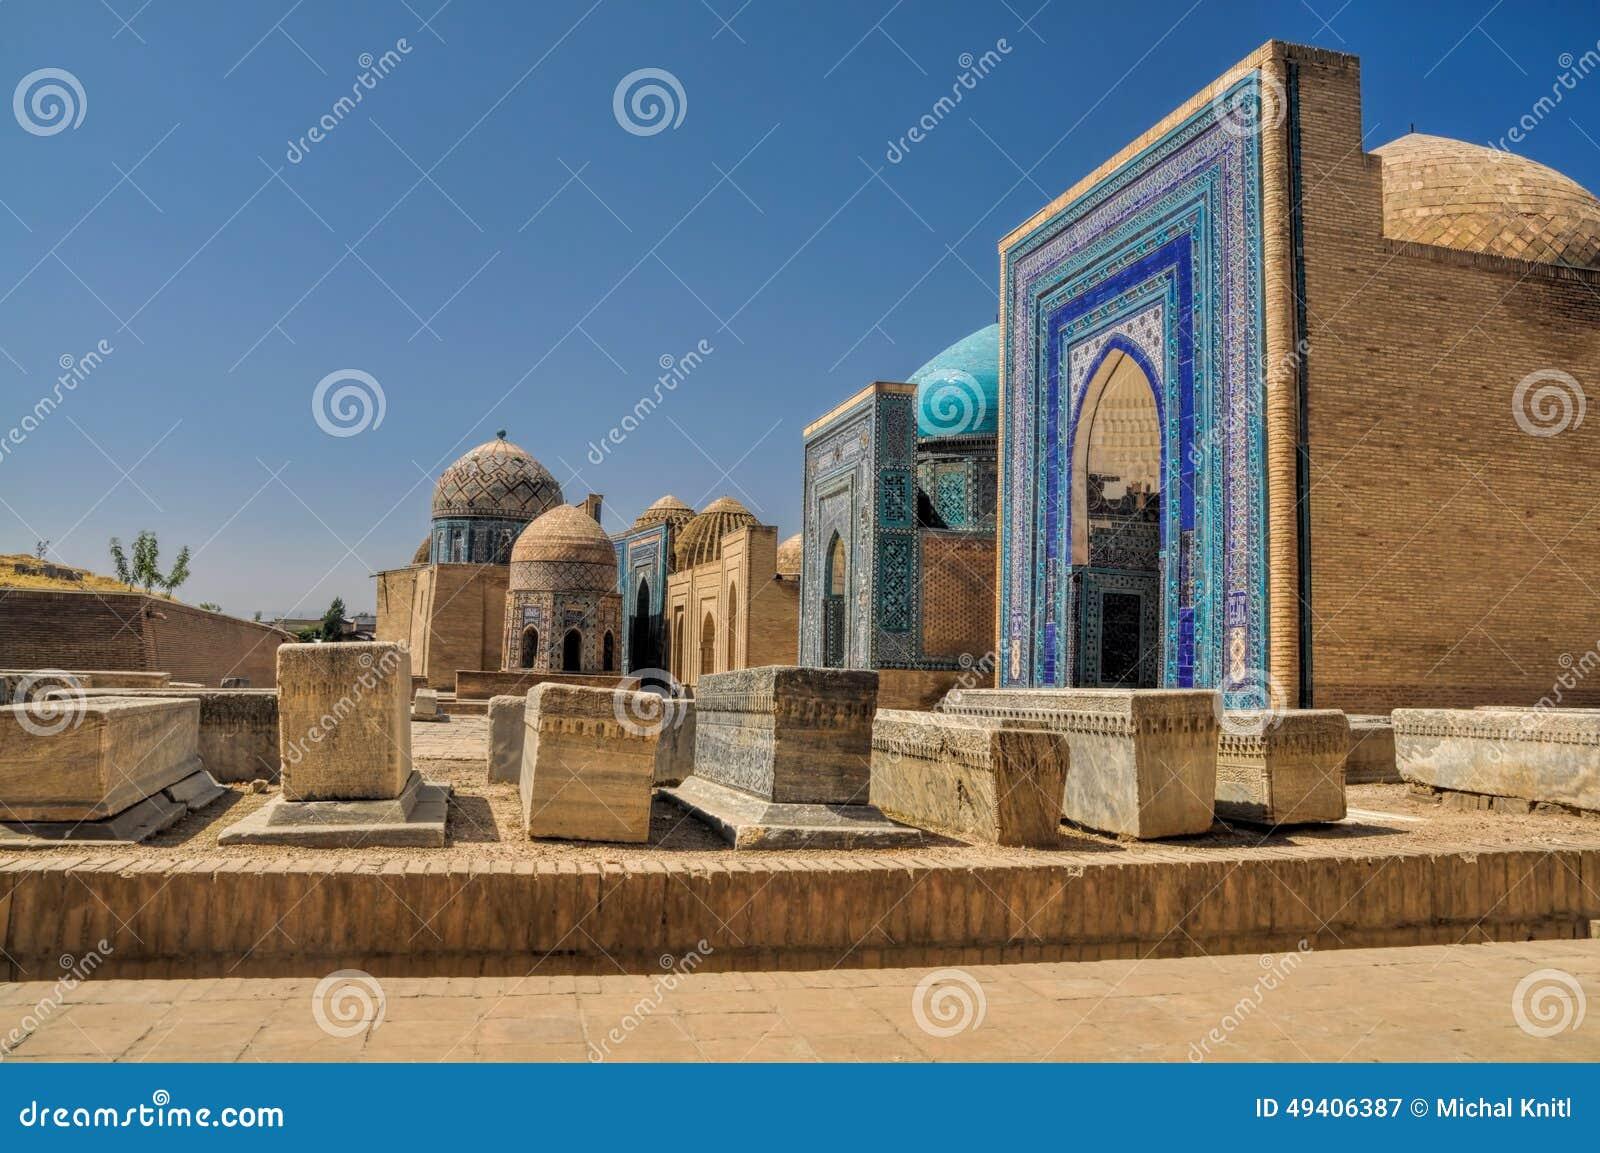 Download Gebäude in Samarkand stockbild. Bild von zentral, verziert - 49406387